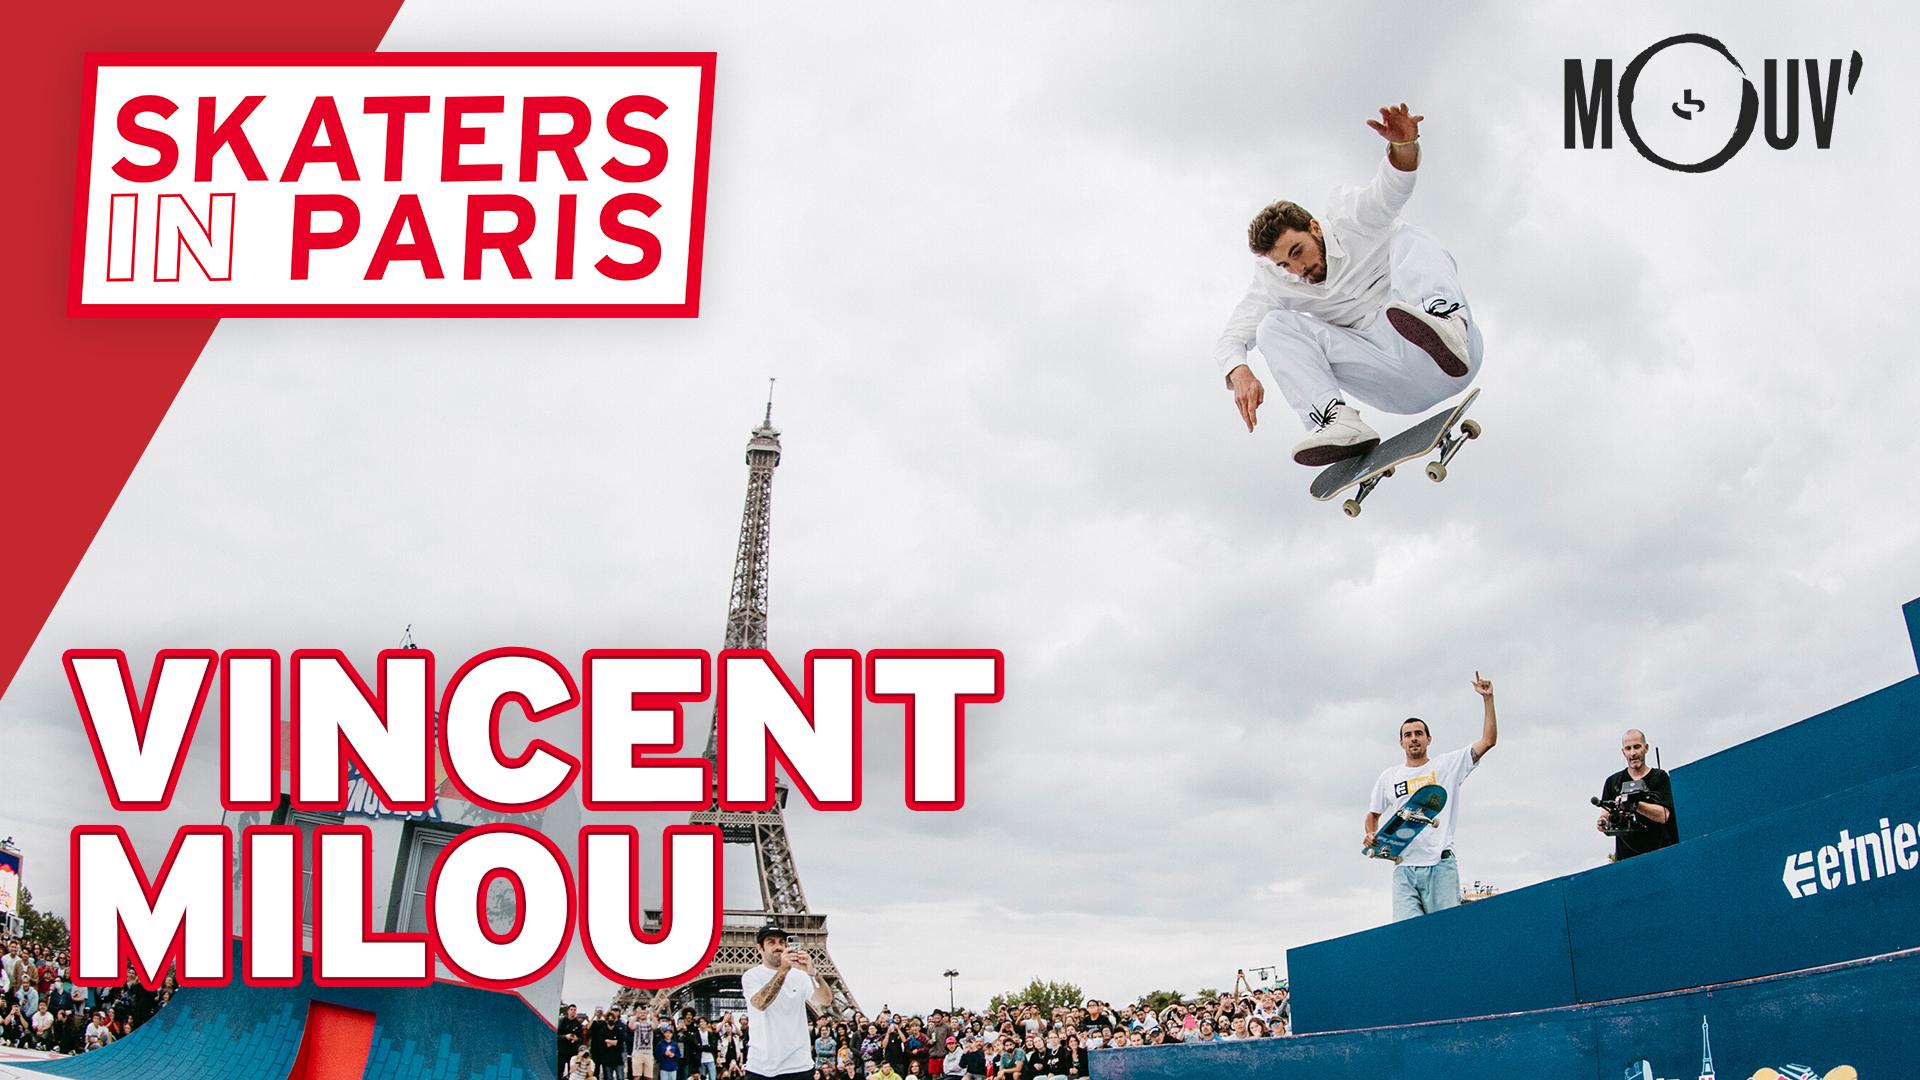 """Mouv' : une nouvelle série vidéo, """"Skaters In Paris"""""""